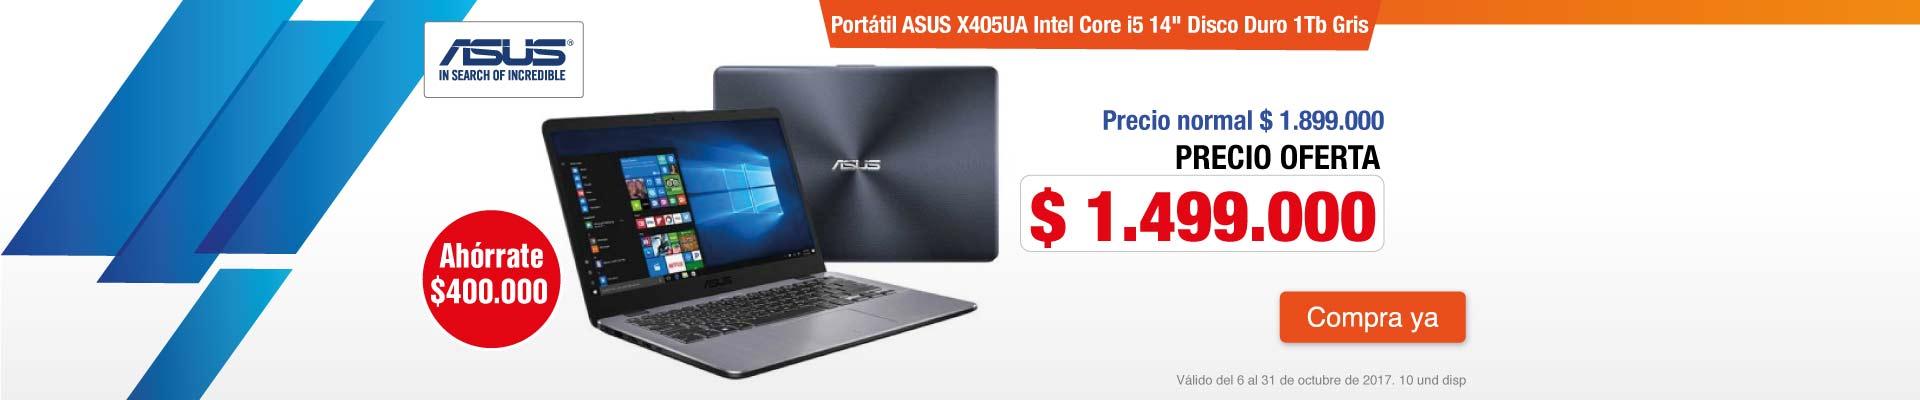 PPAL AK-4-computadores-Portátil ASUS X405UA Intel Core i5 14